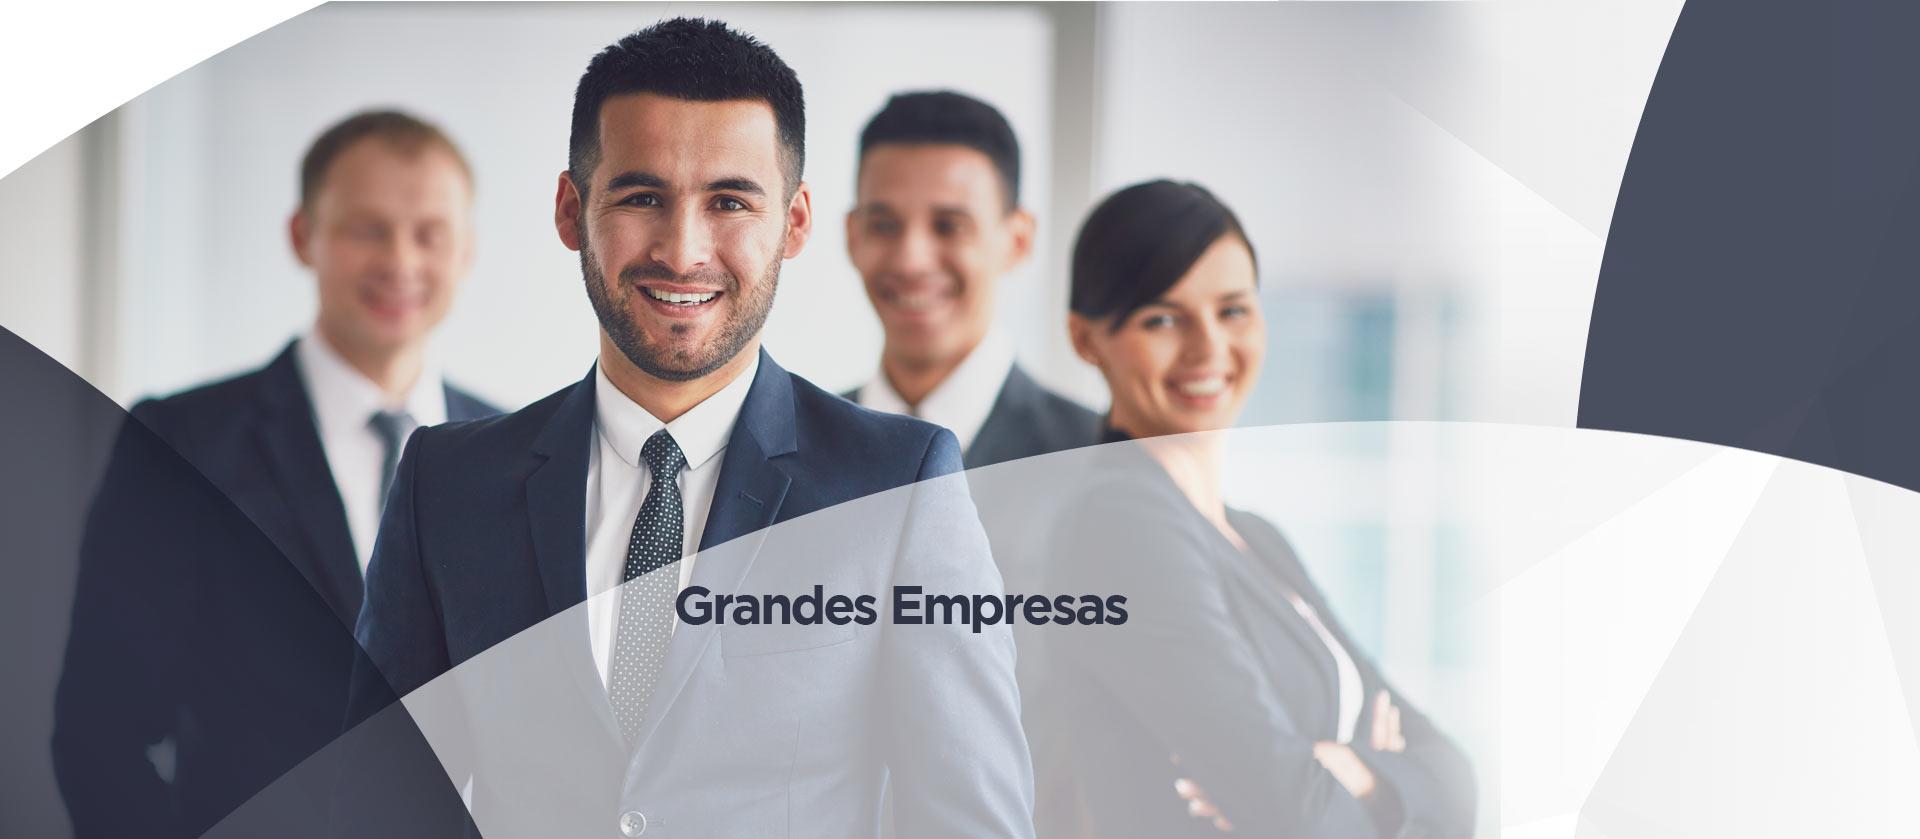 Page Grandes Empresas